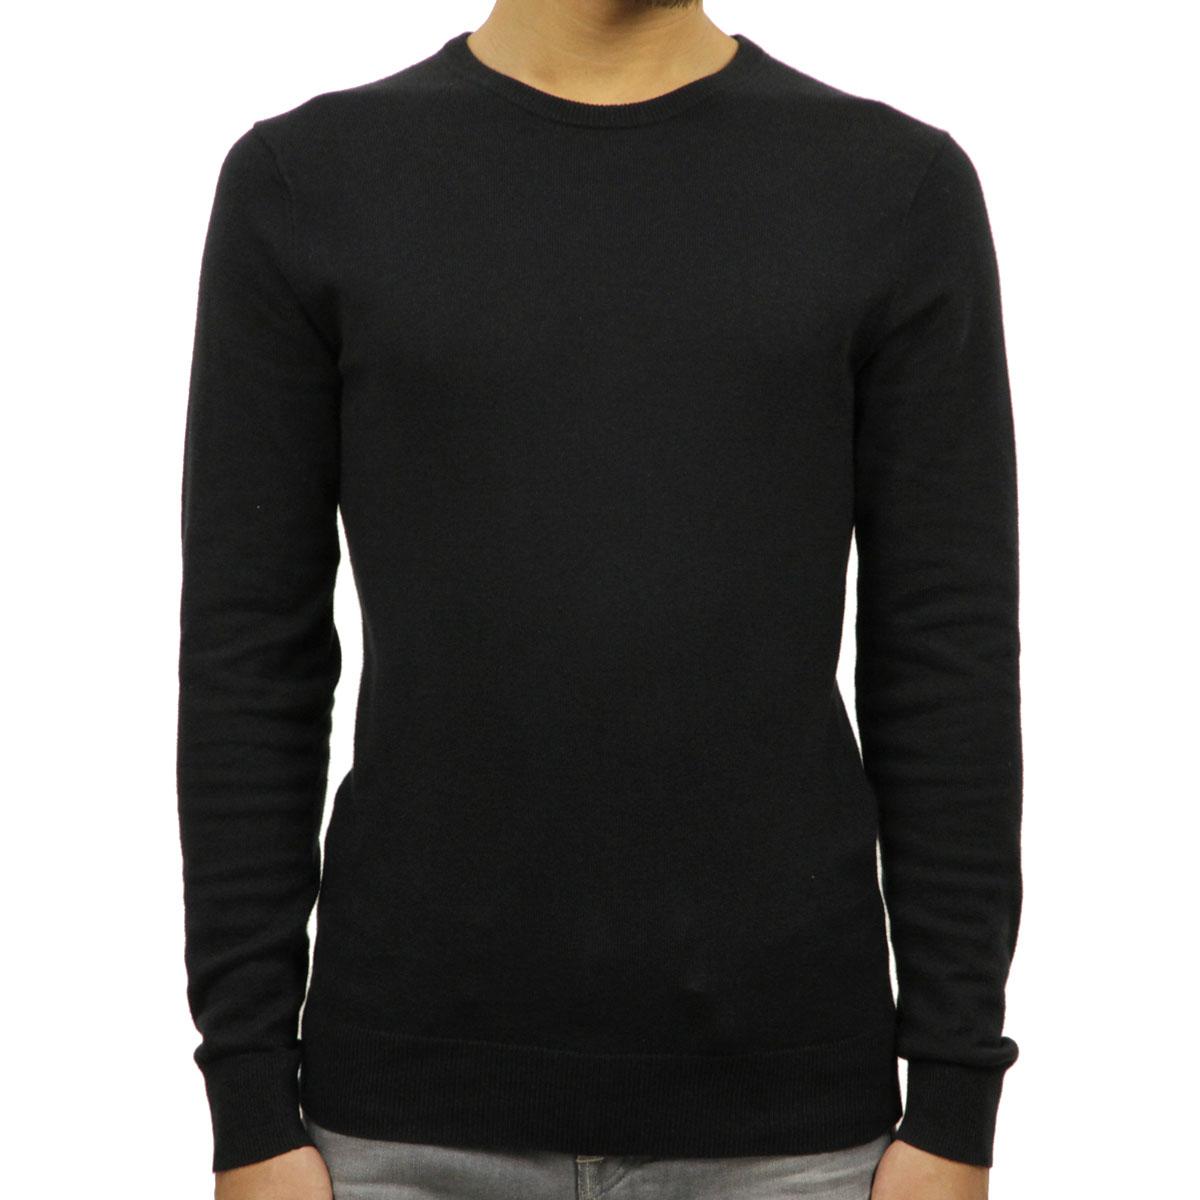 ジェイクルー J.CREW 正規品 メンズ セーター  HARBOR COTTON CREWNECK SWEATER f4707